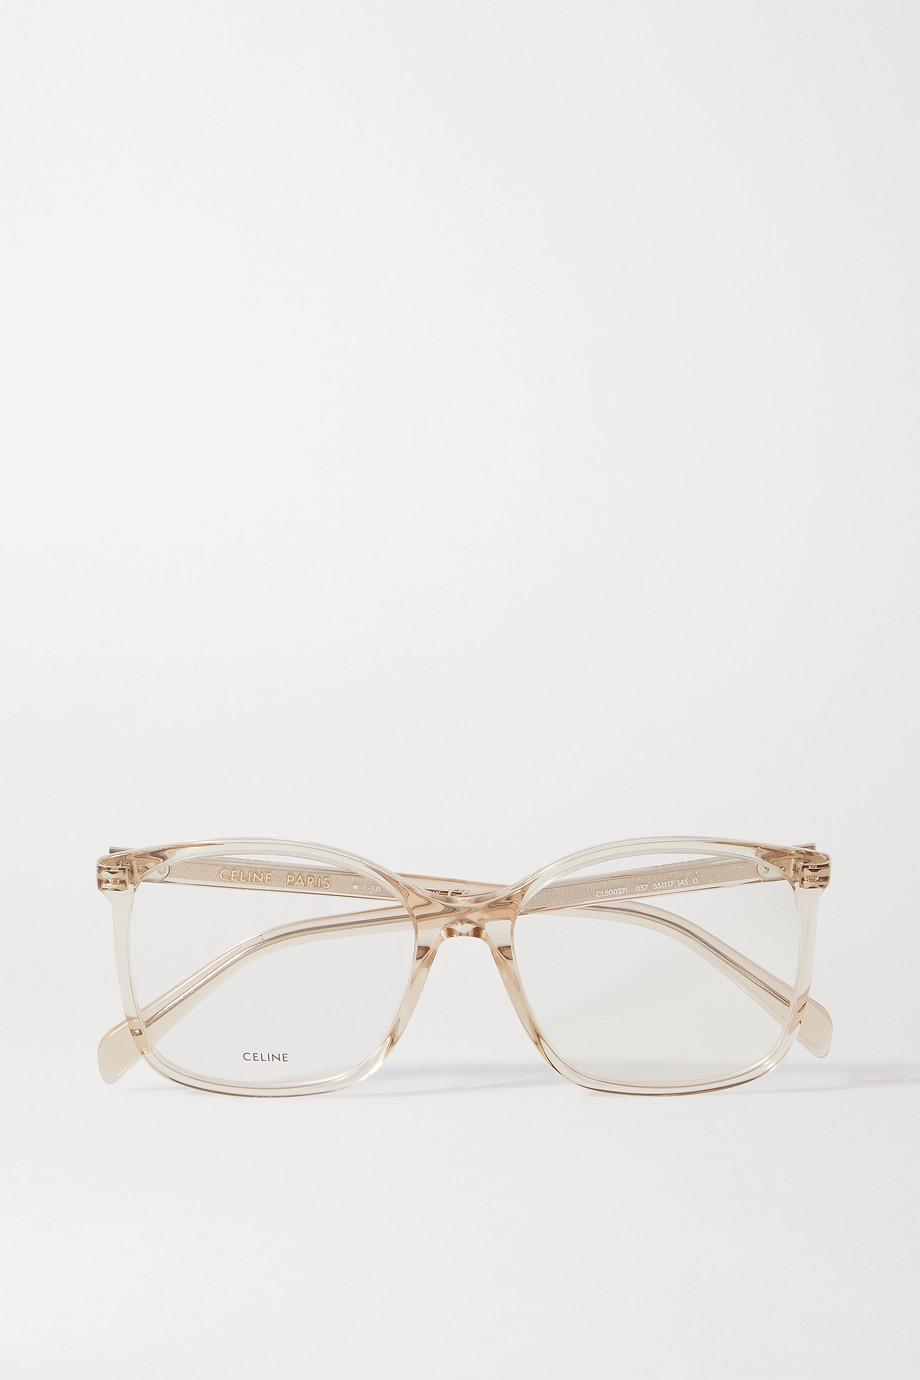 CELINE Eyewear Lunettes de vue carrées en acétate